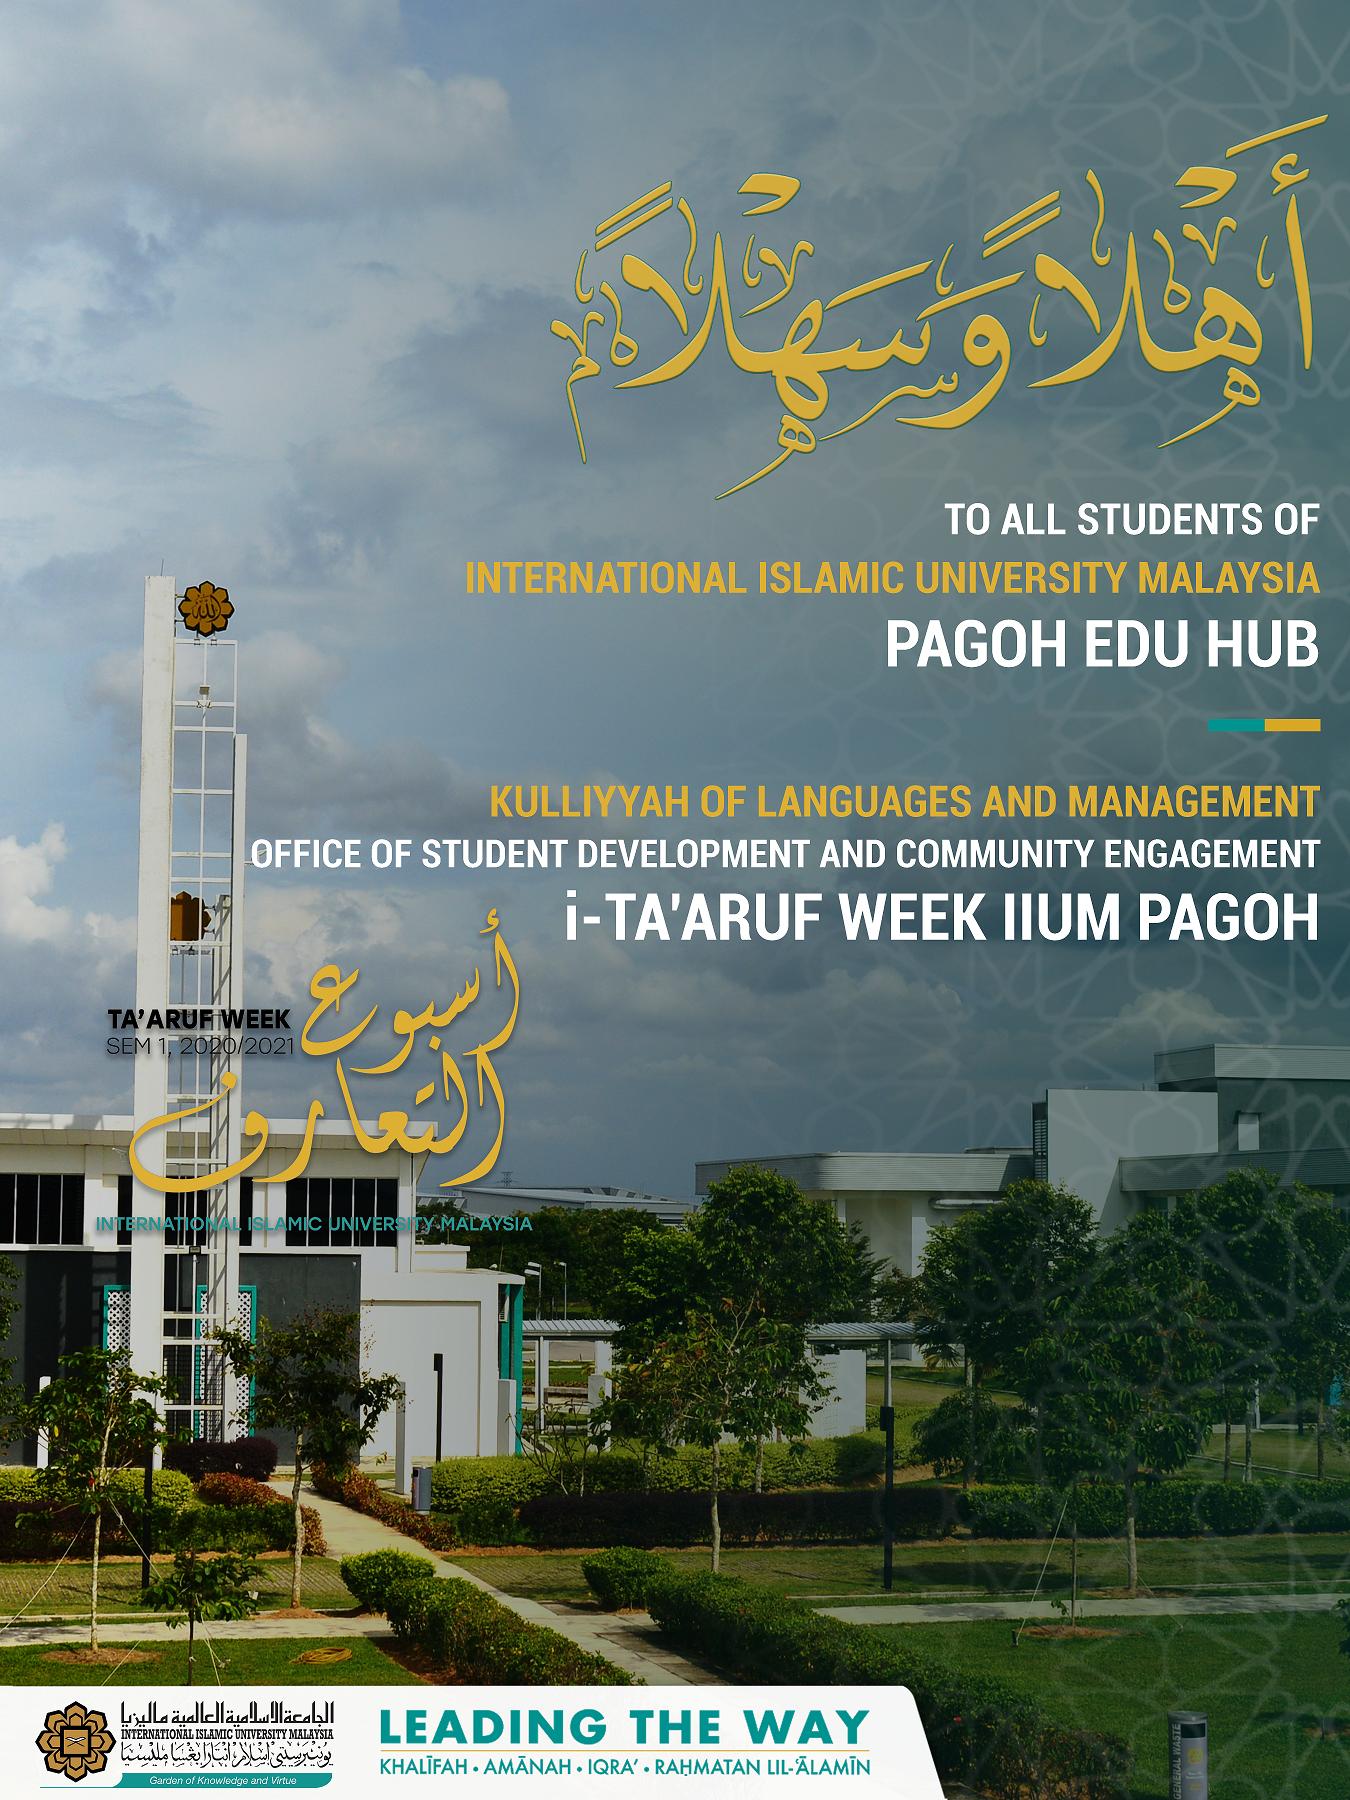 i-Taaruf Week IIUM Pagoh